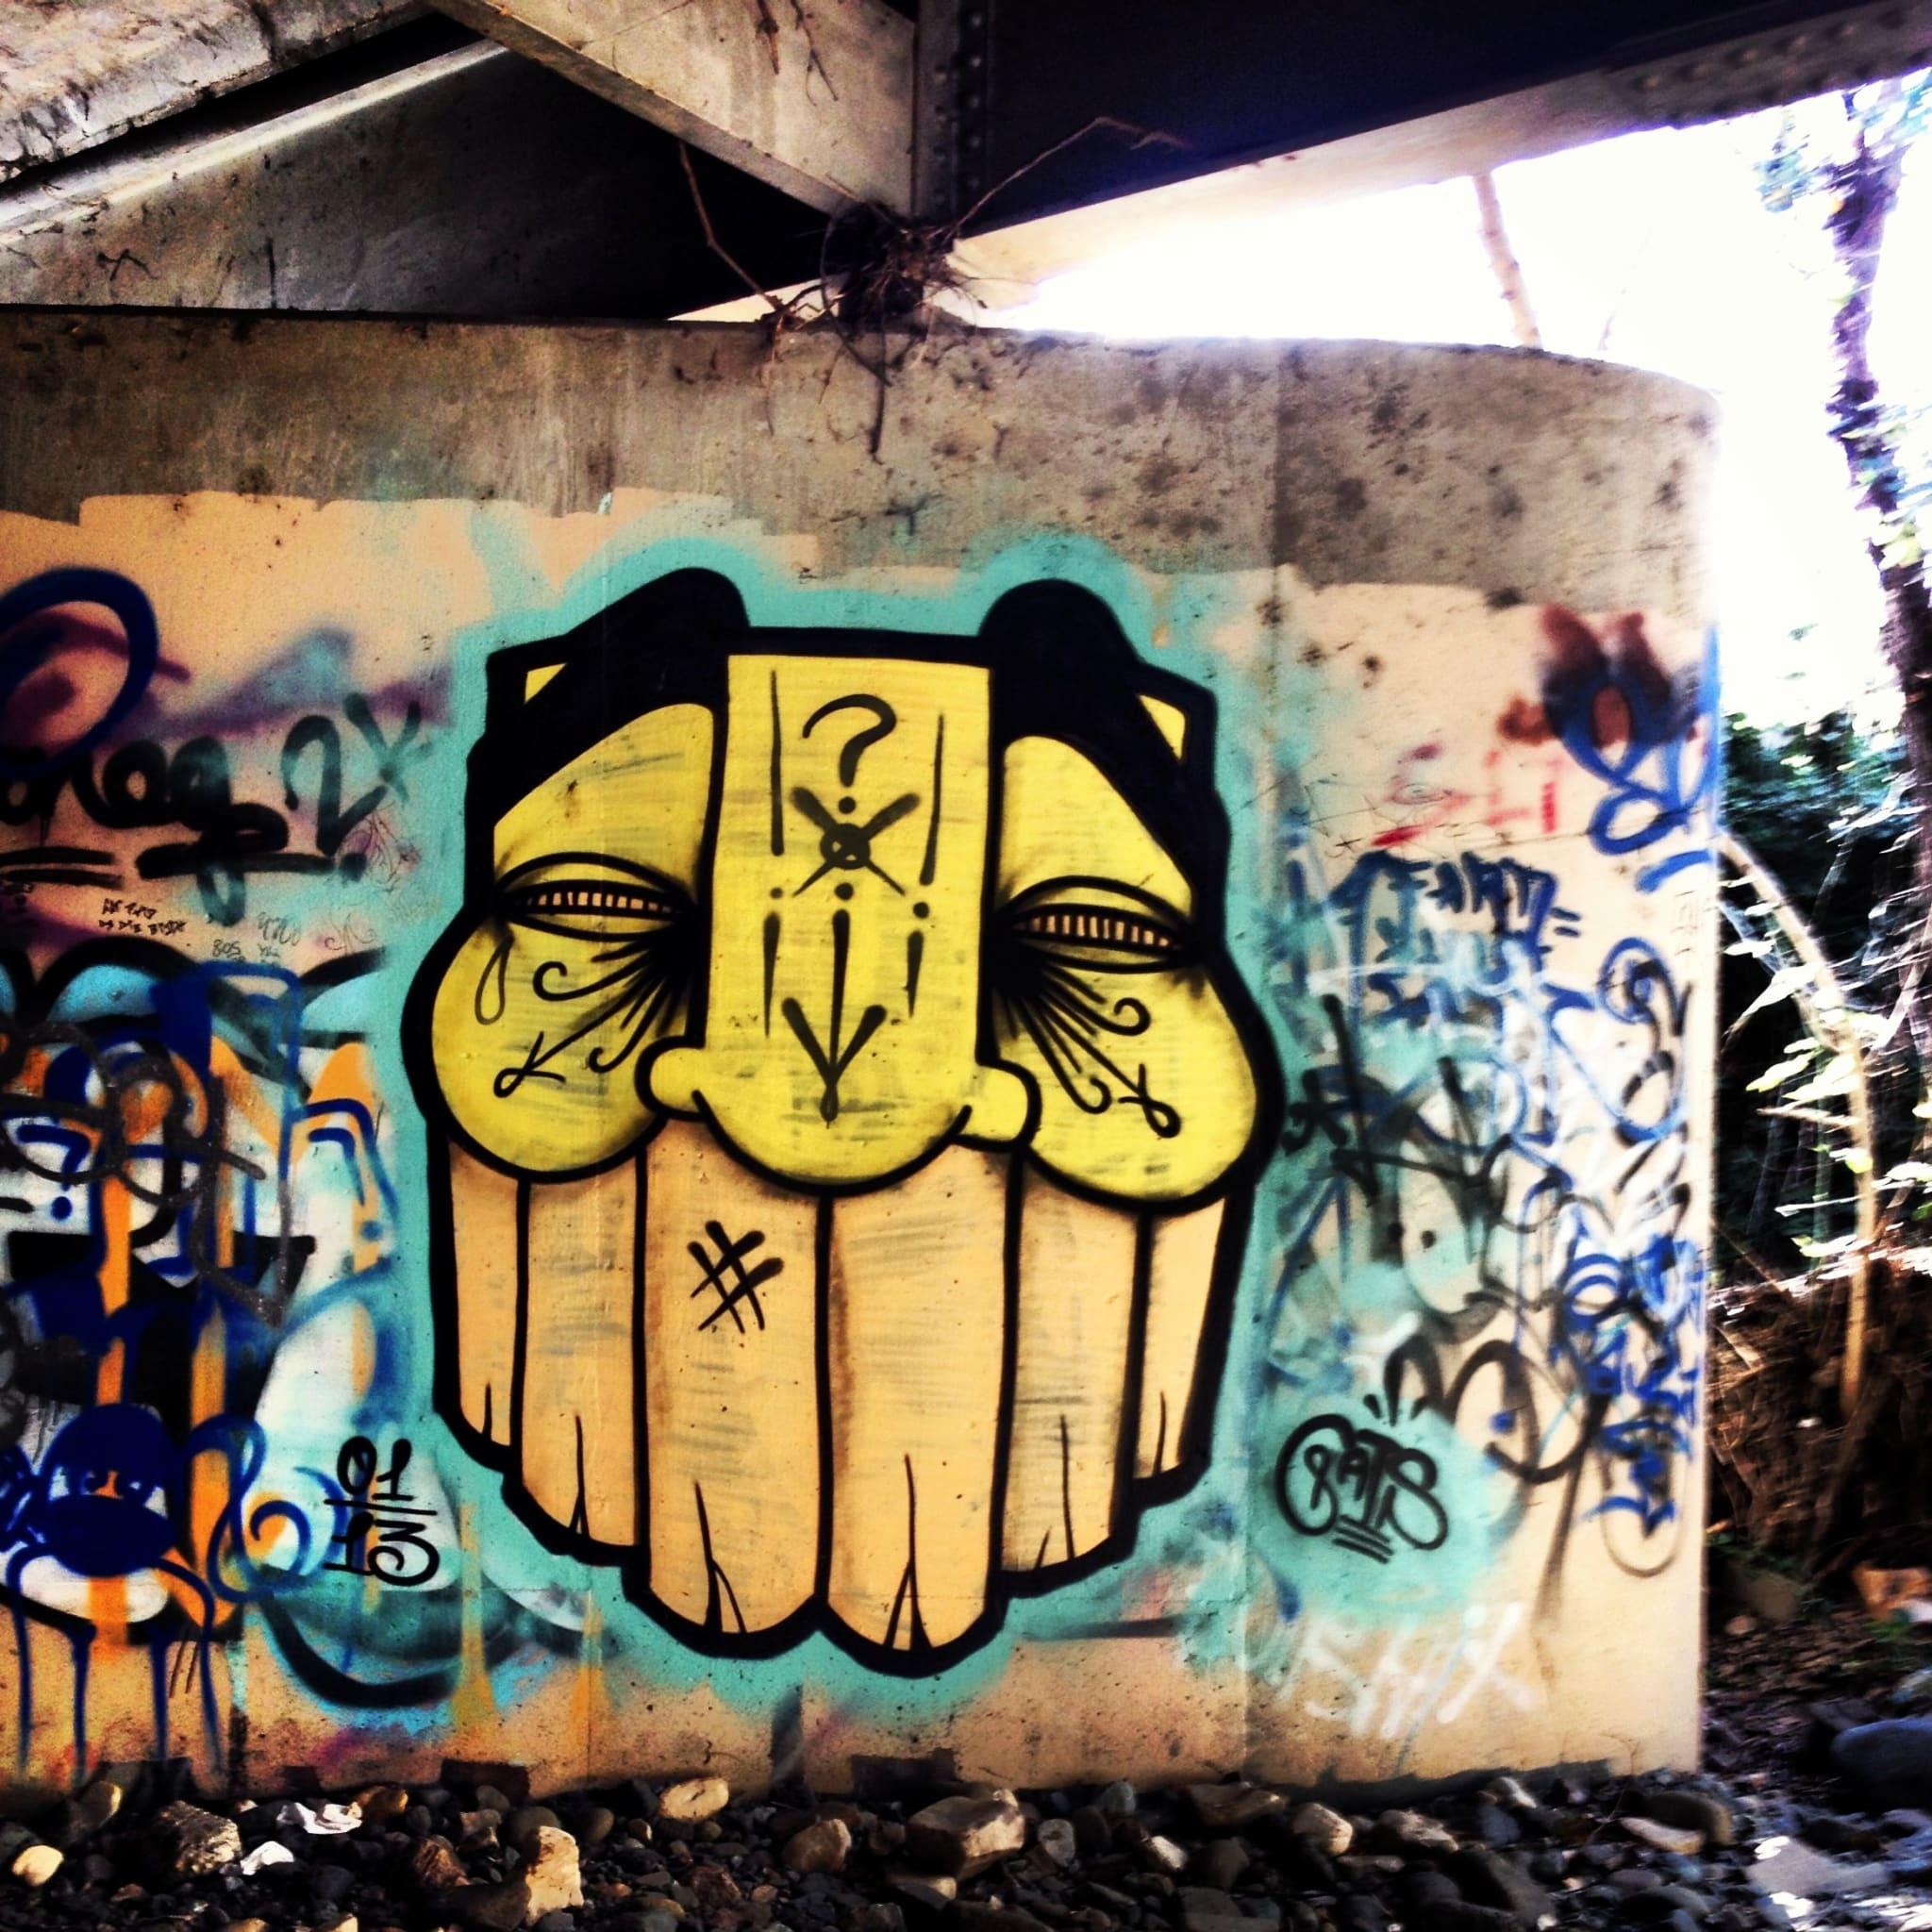 Artwork By gats in San Luis Obispo